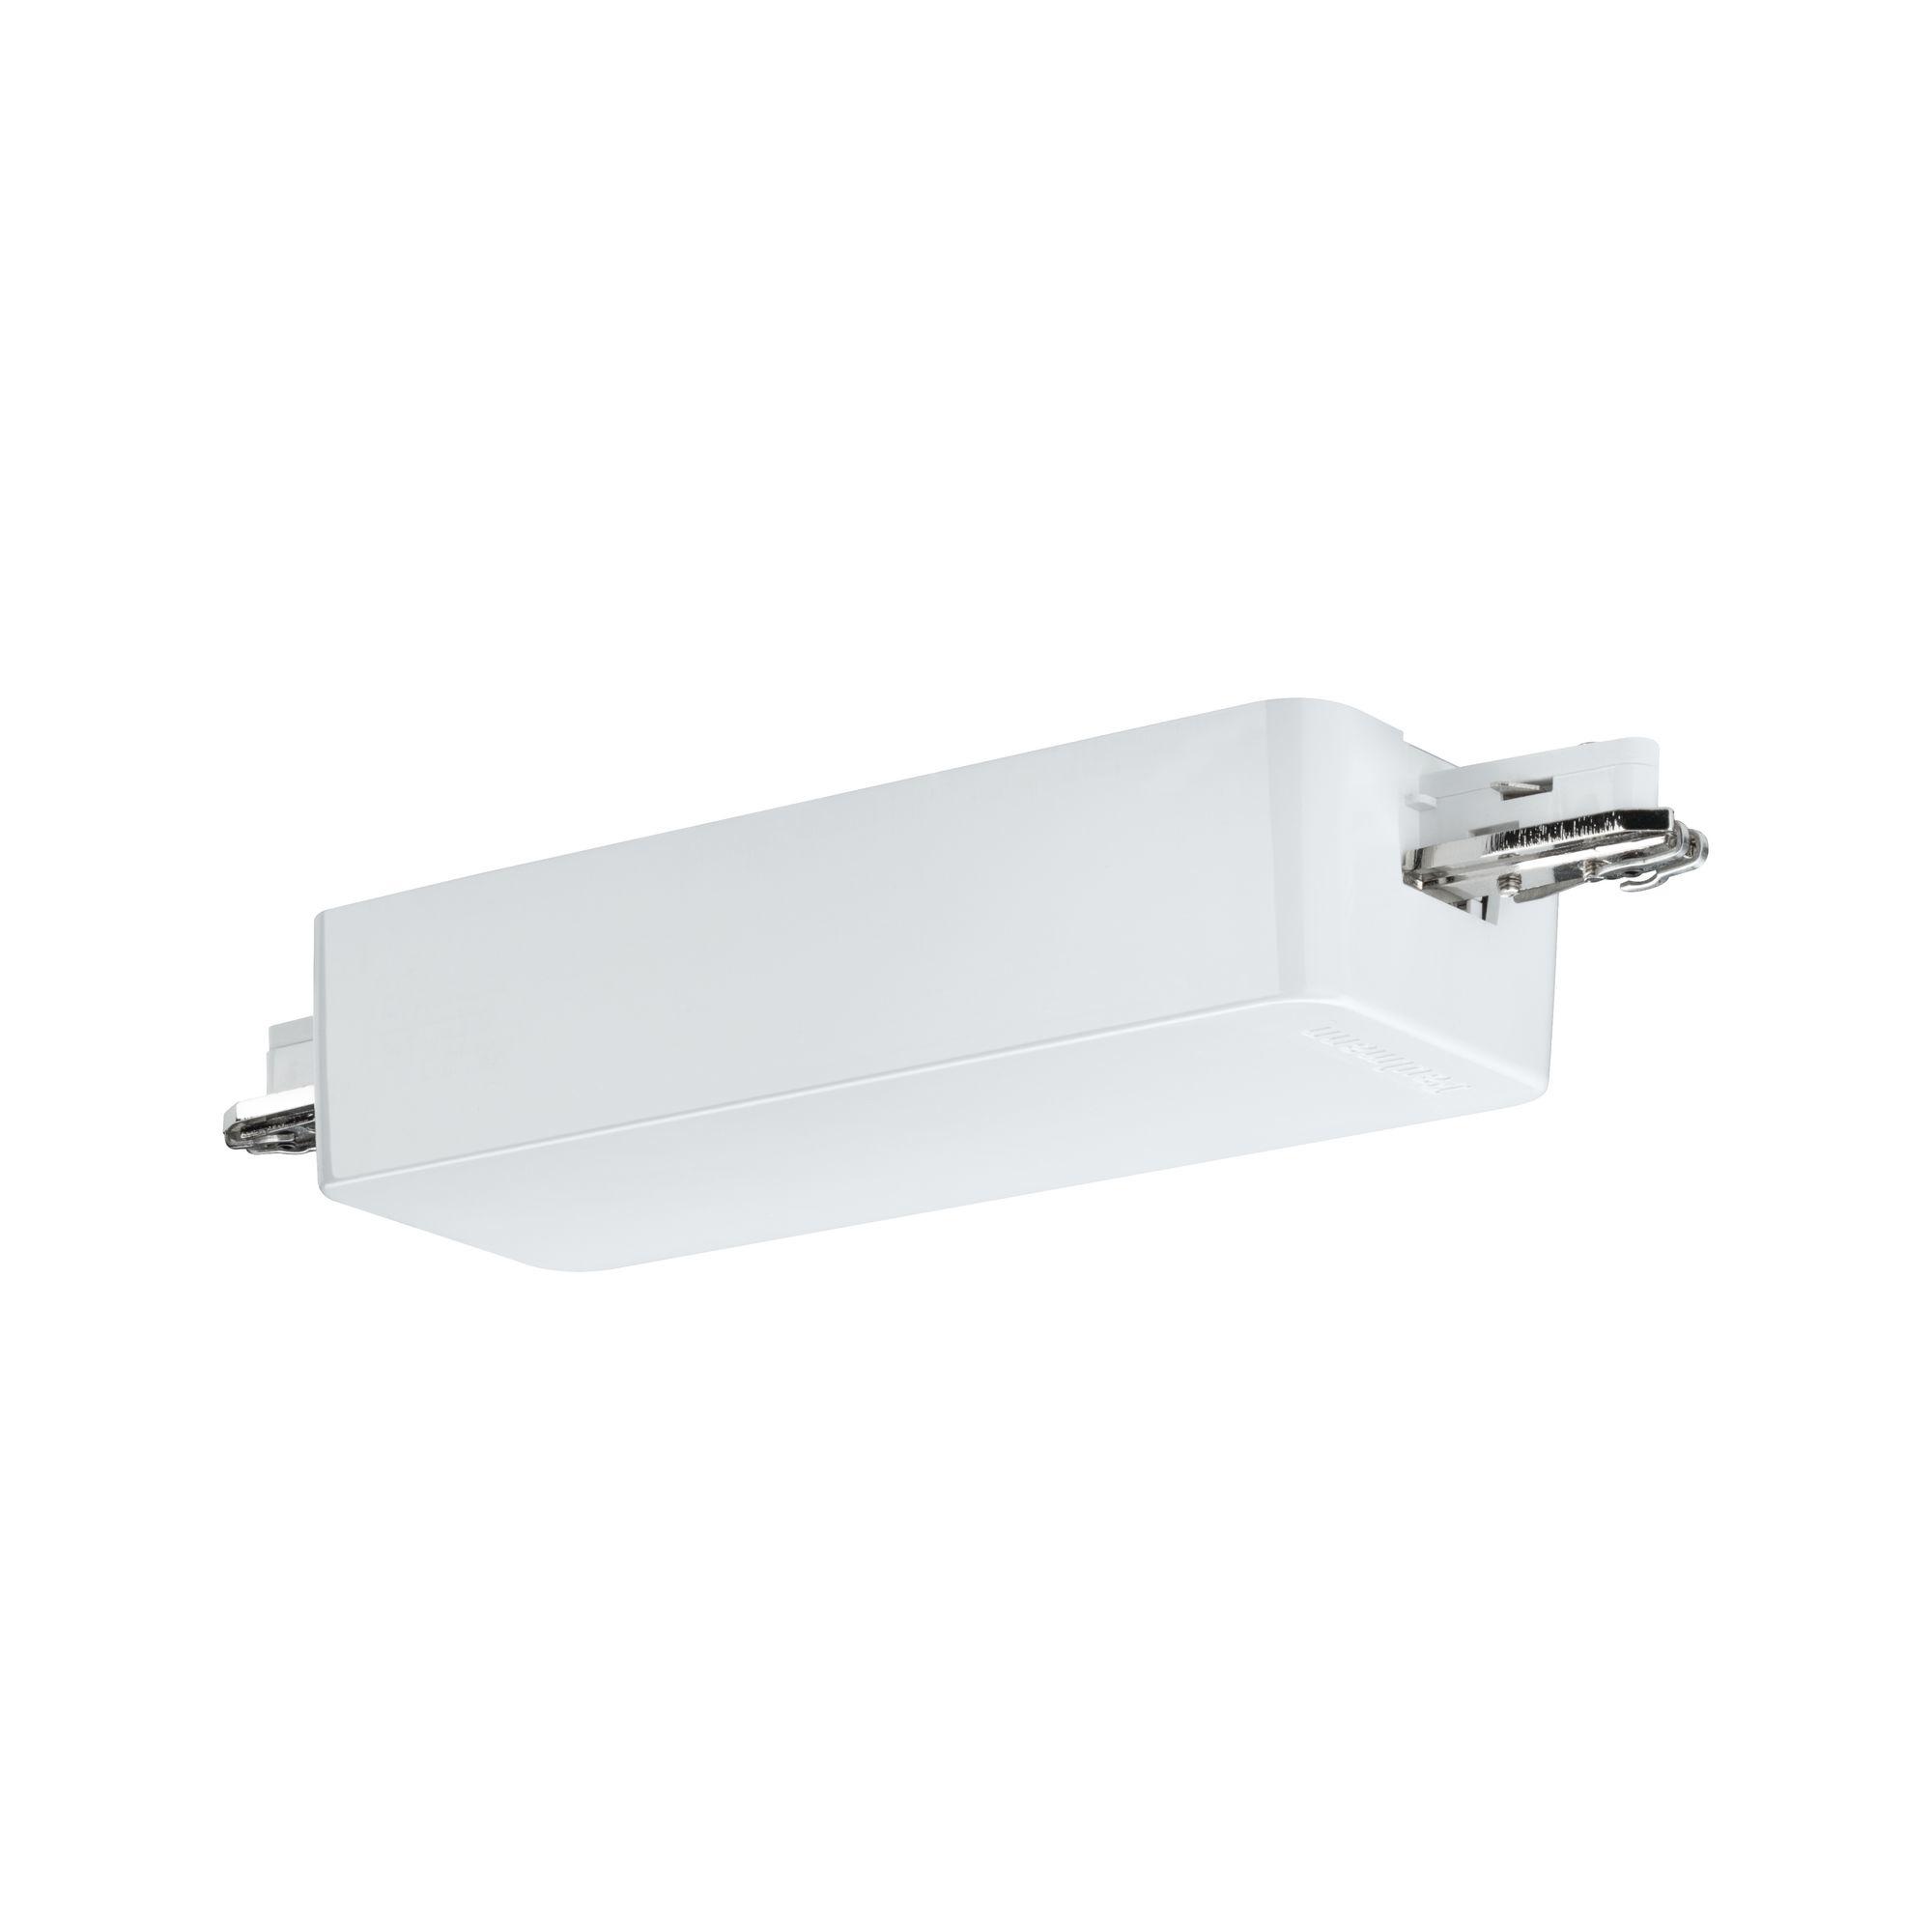 Paulmann SmartHome Zigbee URail Dimm/Switch Weiß max. 400W An/Aus/Dimmen